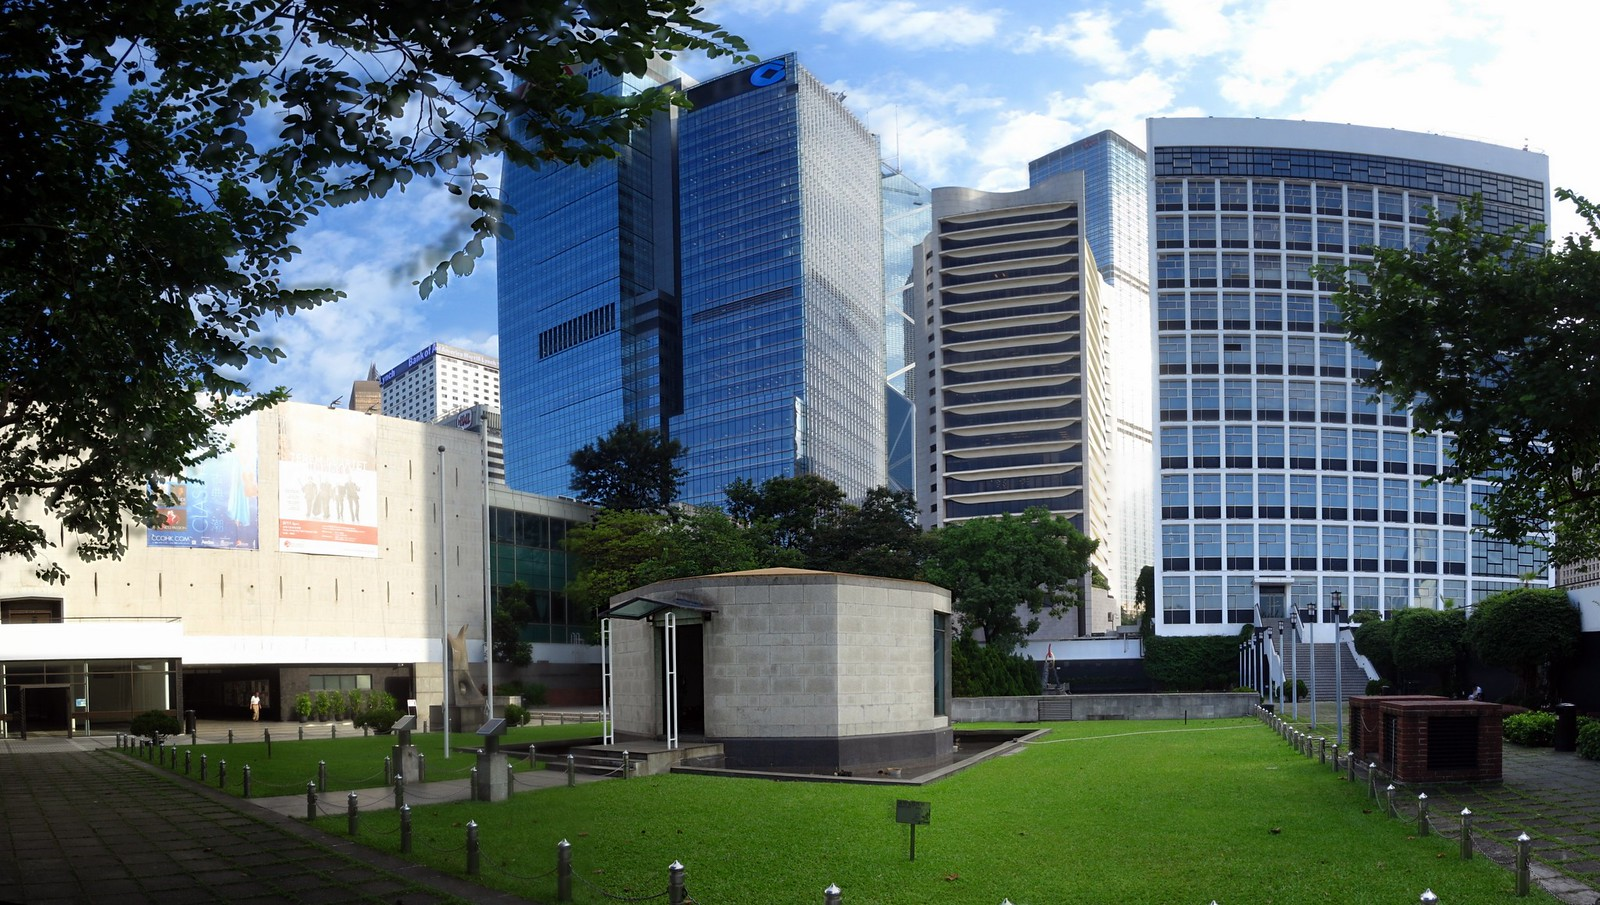 Hong Kong City Hall Memorial Garden 大會堂紀念龕